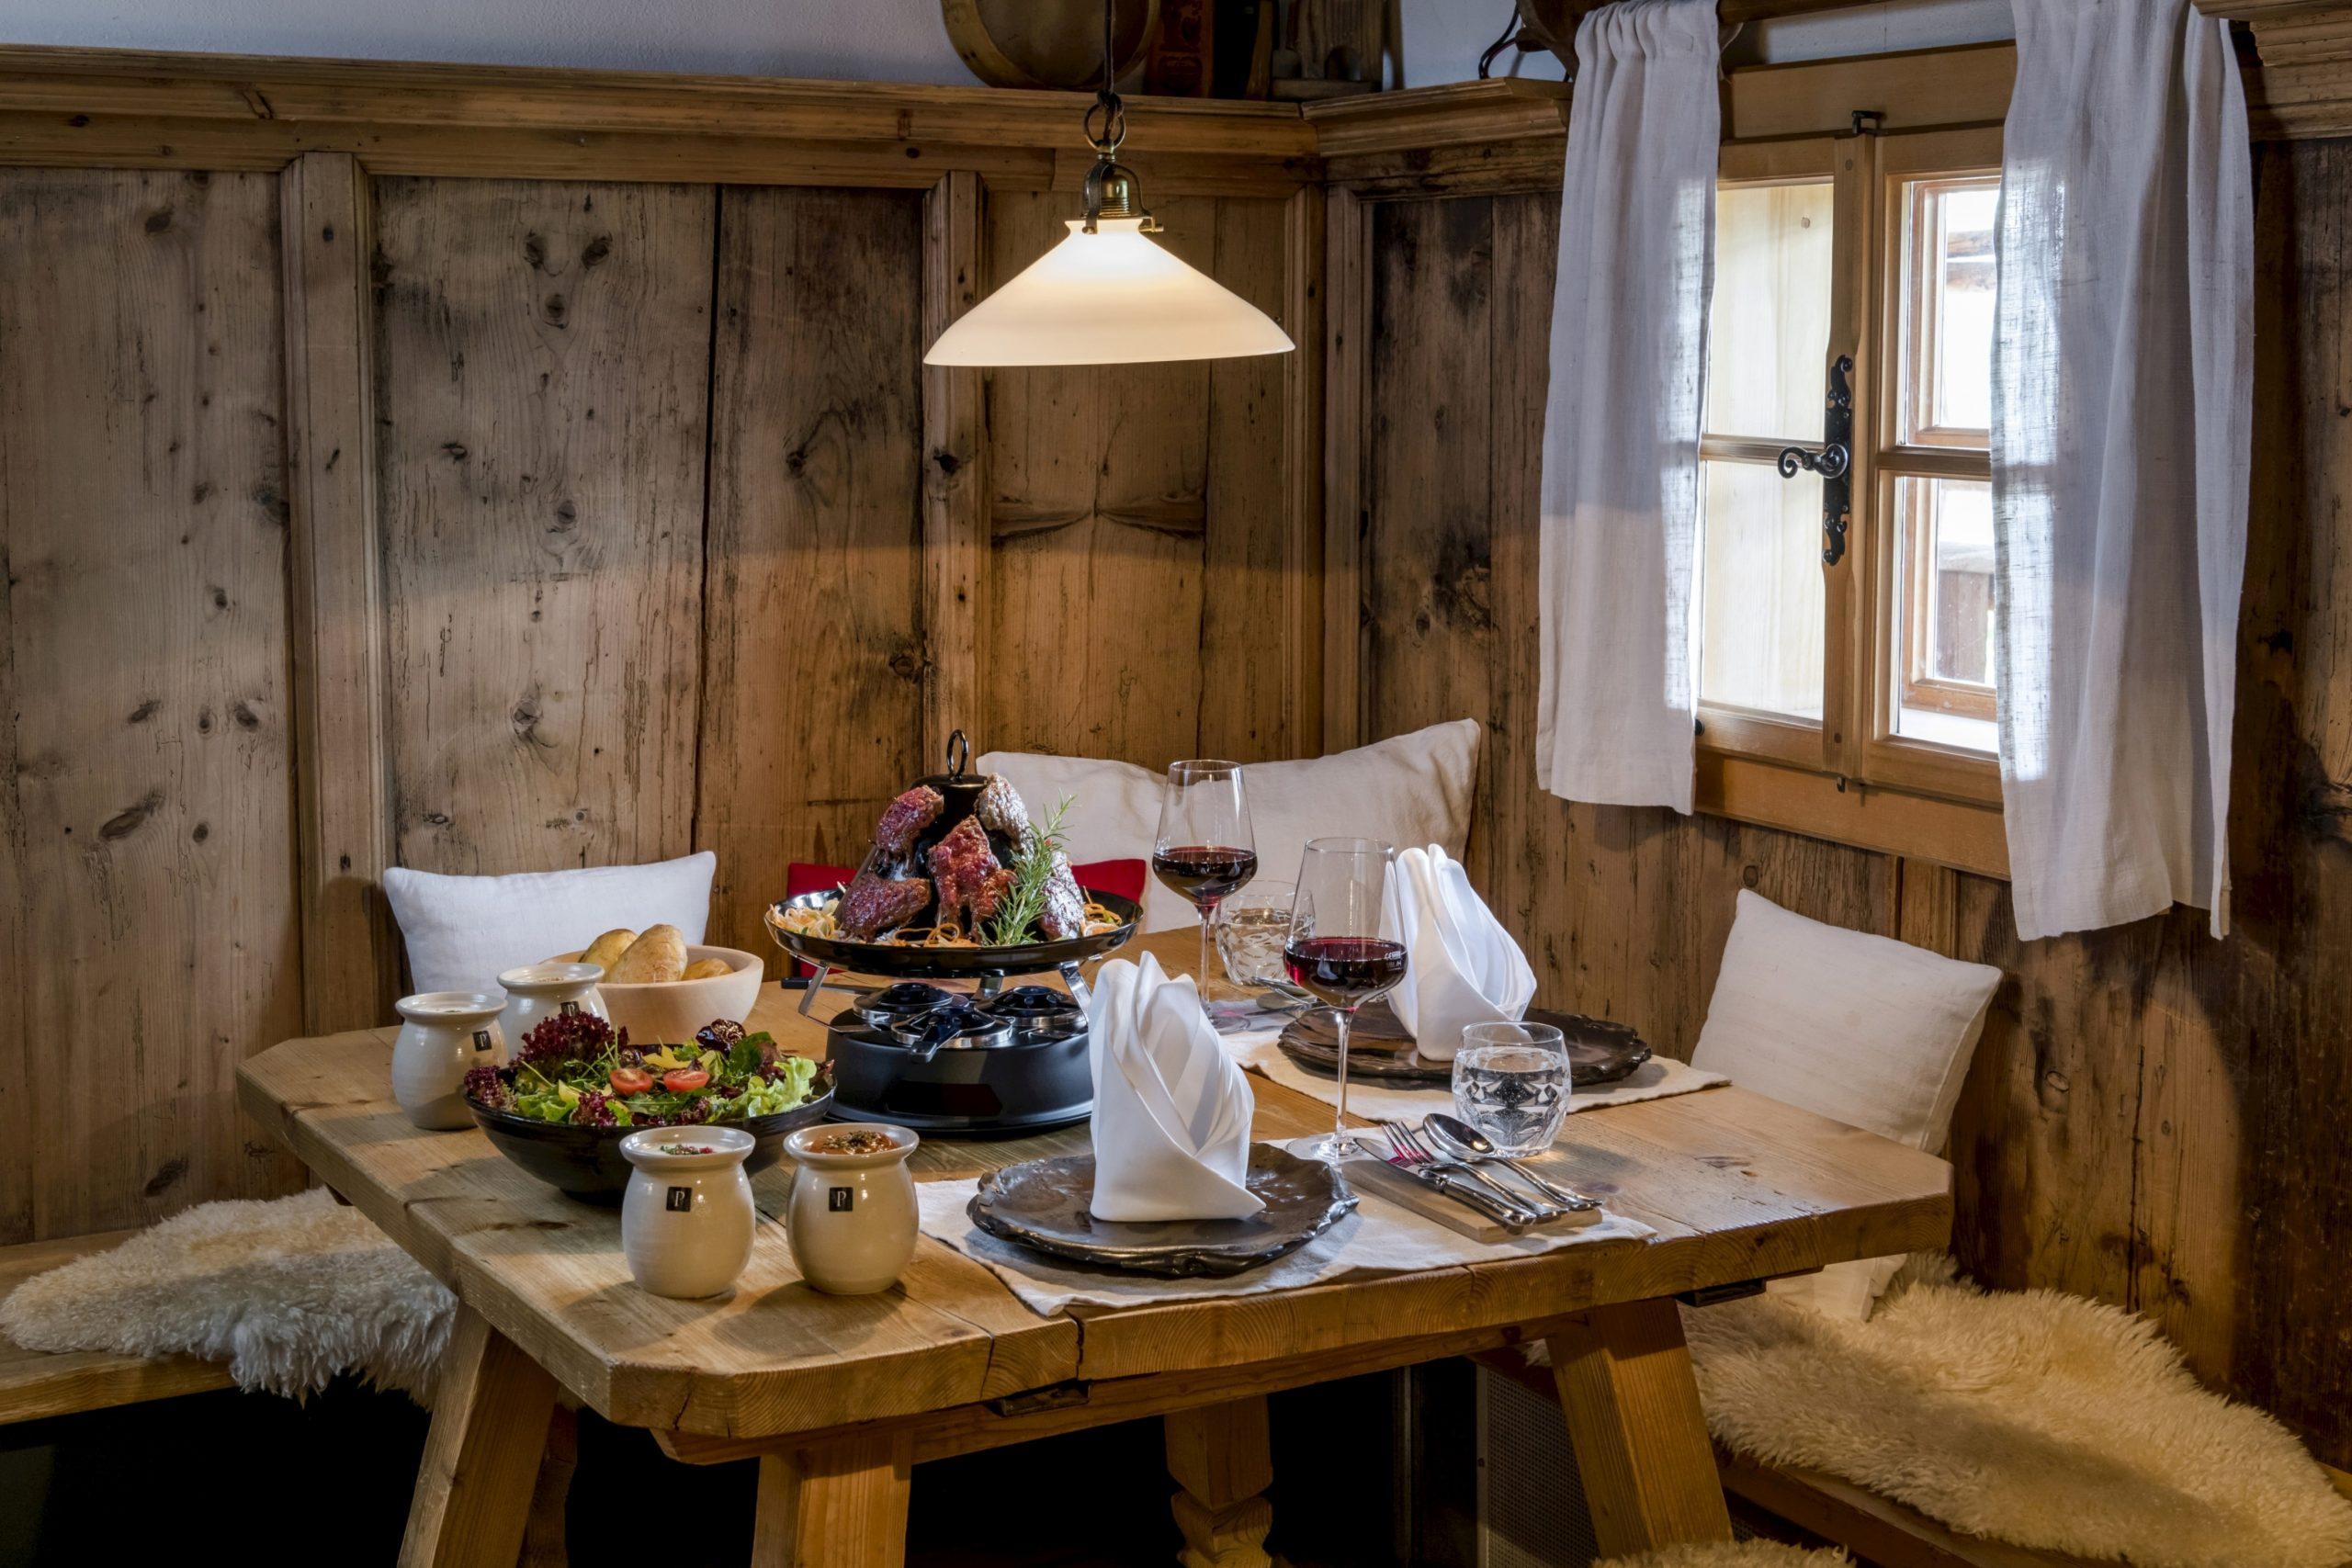 Hut-Essen in Huwi's Alm